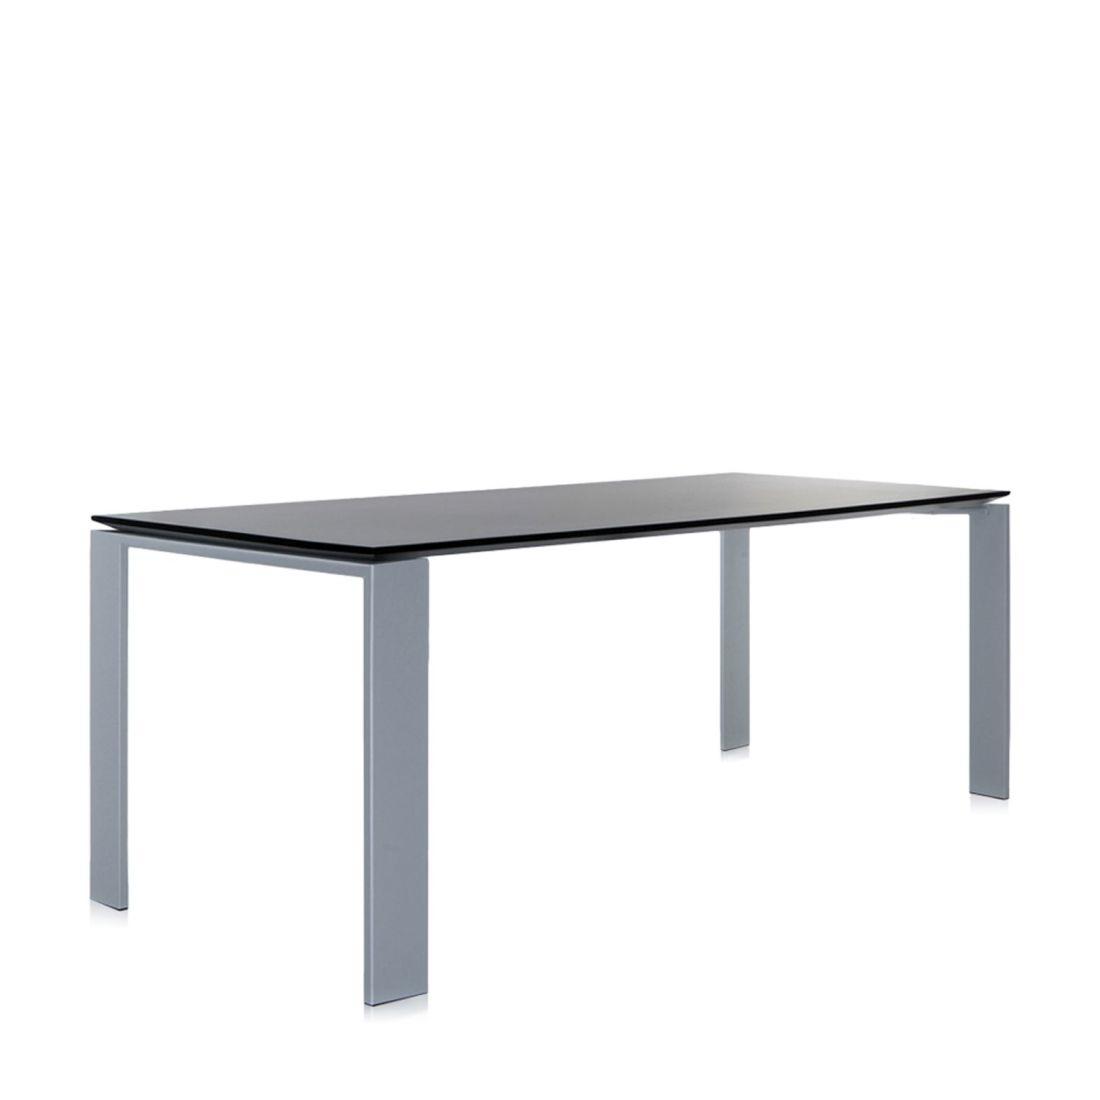 Four Tisch 158 Beine alu, Platte schwarz